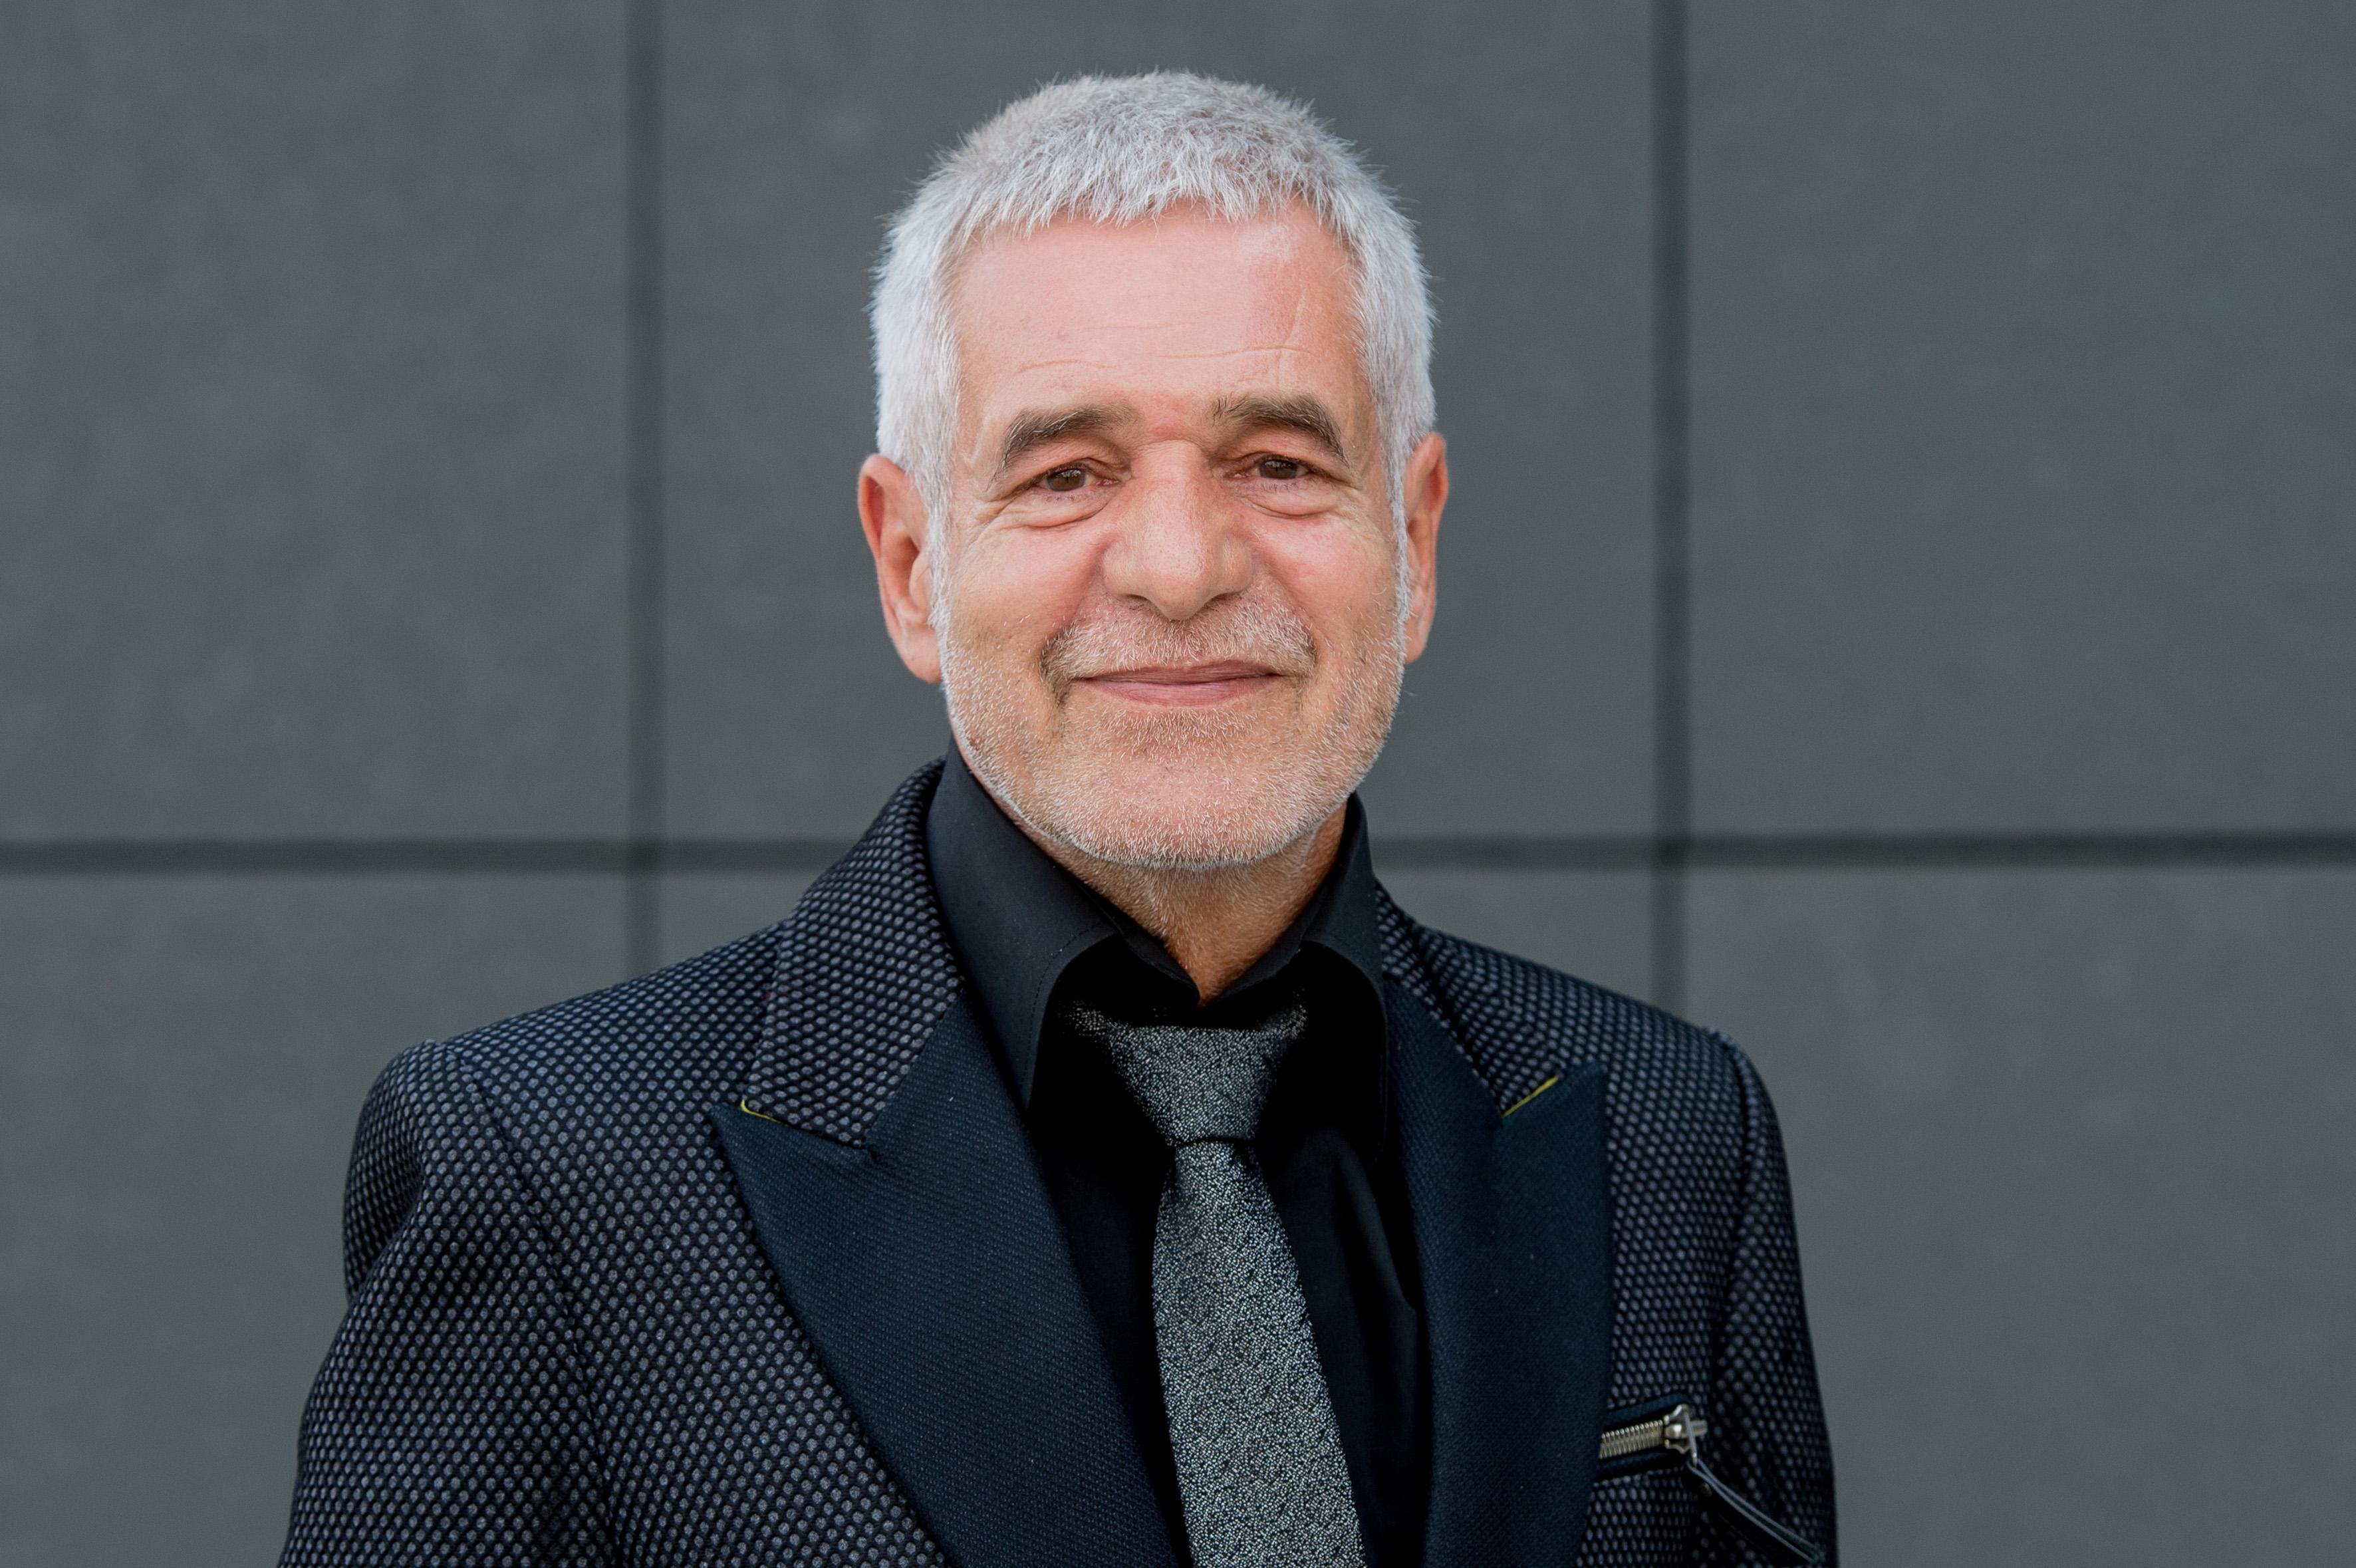 Prof. Ralf Niebergall als Vizepräsident der Bundesarchitektenkammer wiedergewählt